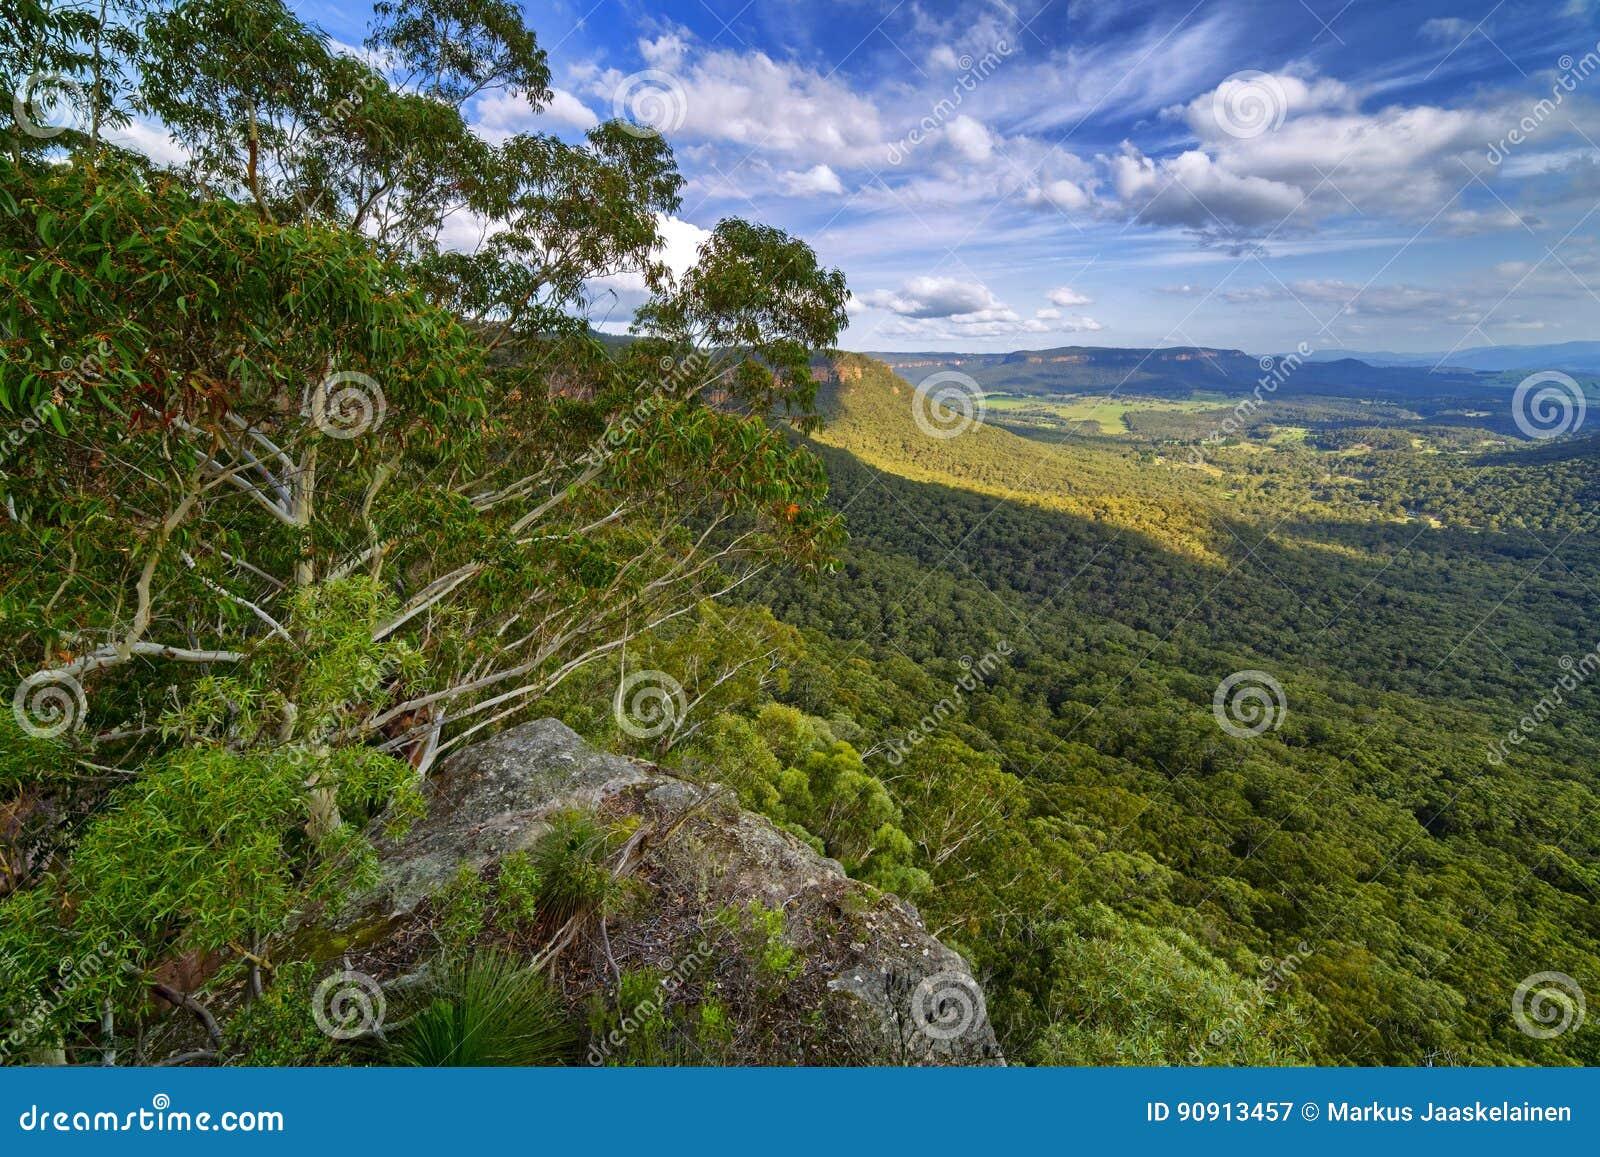 Mount victoria blue mountains